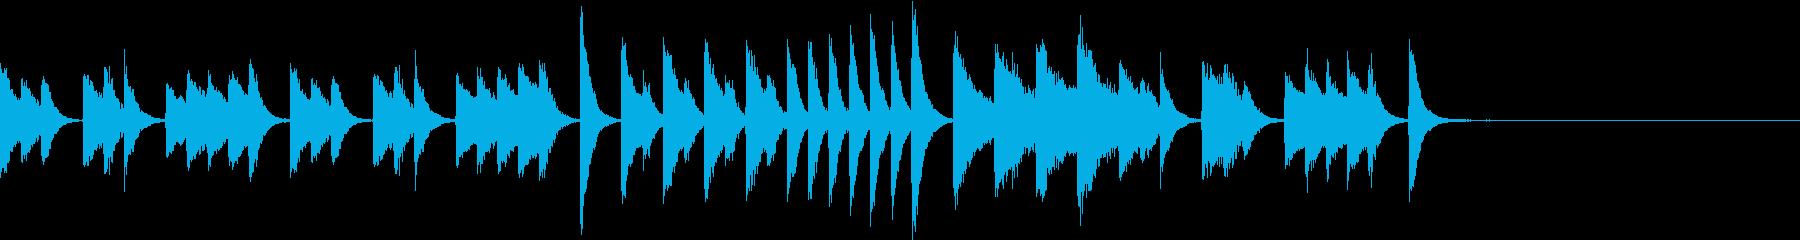 可愛いらしくひょうきんなピアノジングルの再生済みの波形